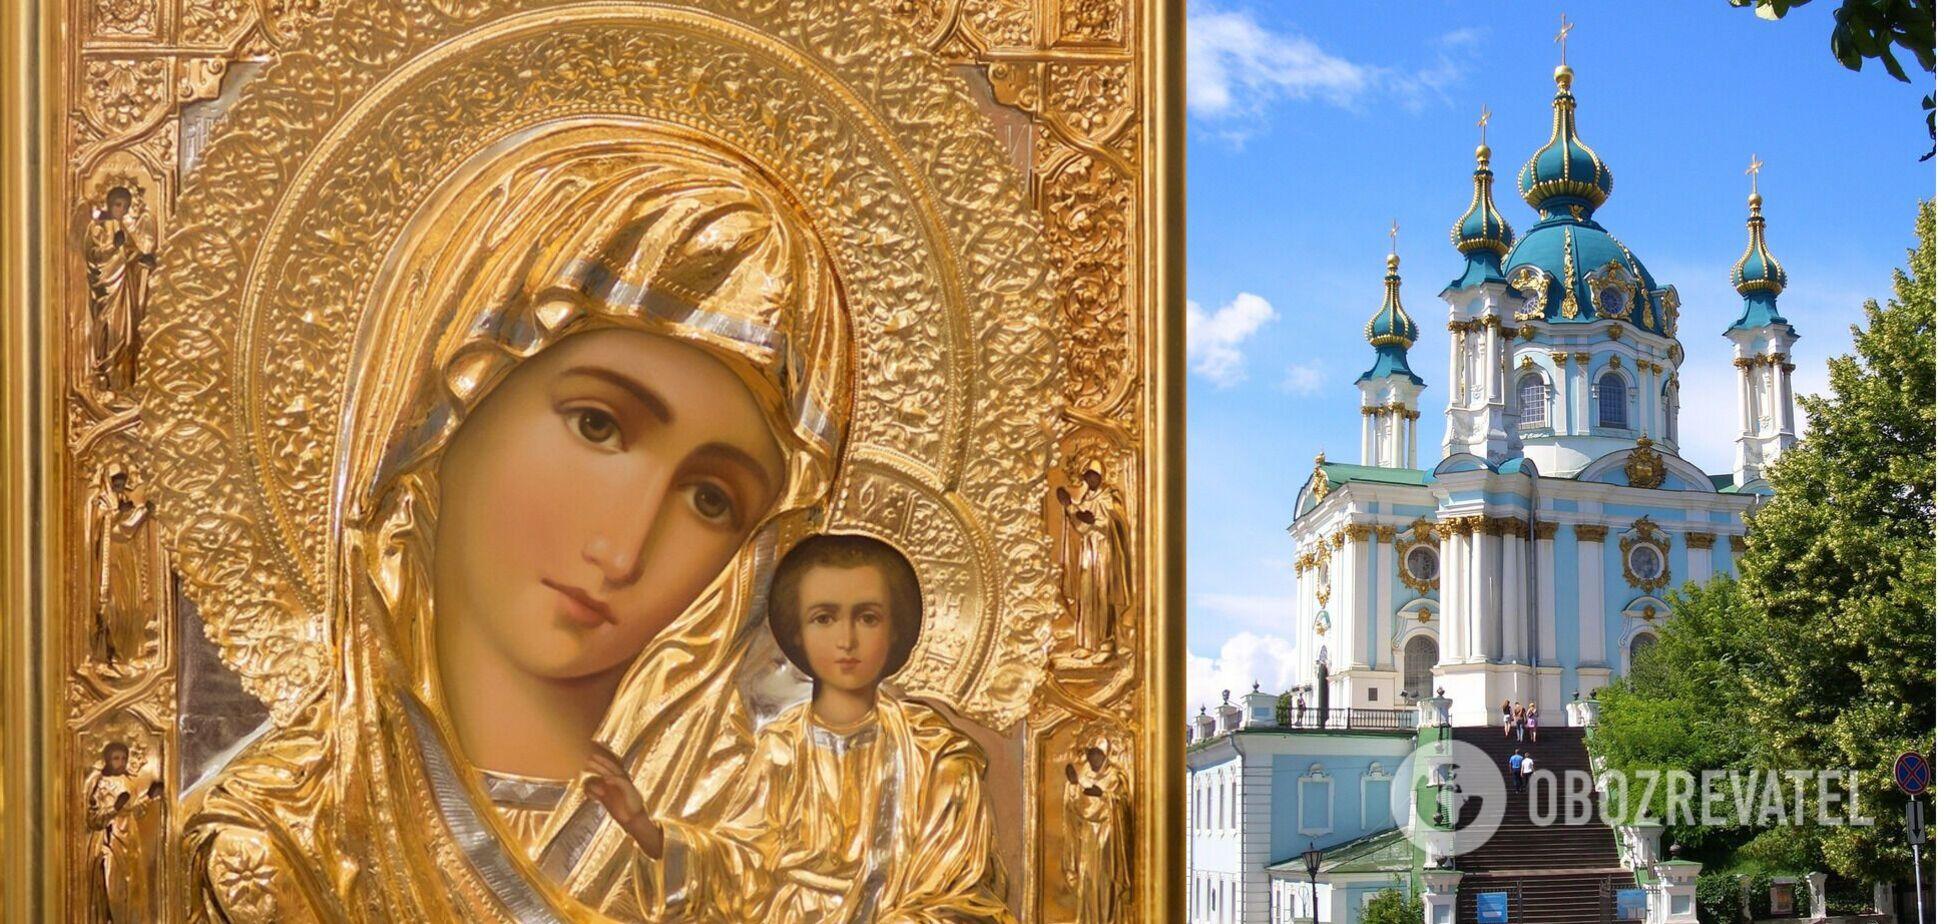 Казанська ікона Богородиці вважається покровителькою сім'ї